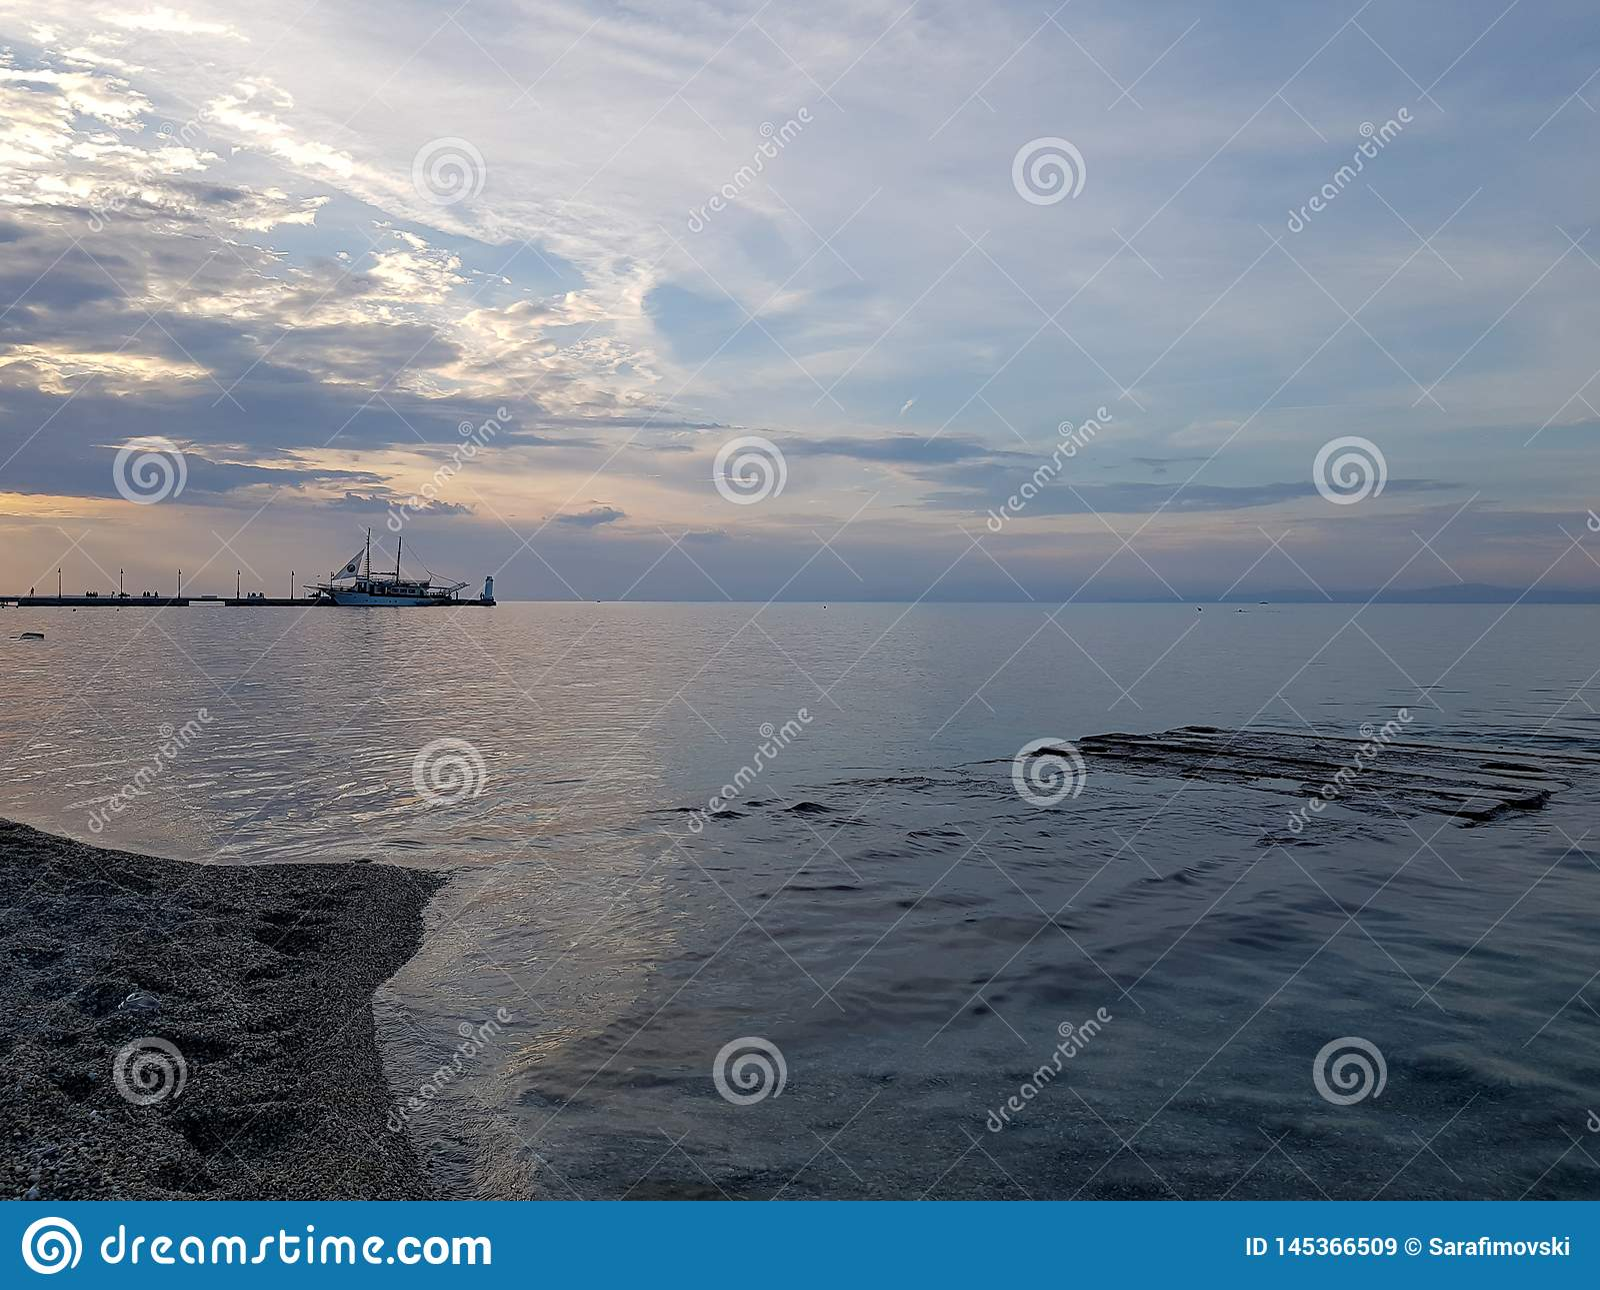 Widok od wybrzeża w Grecja z pięknym niebem i błękitnym morzem